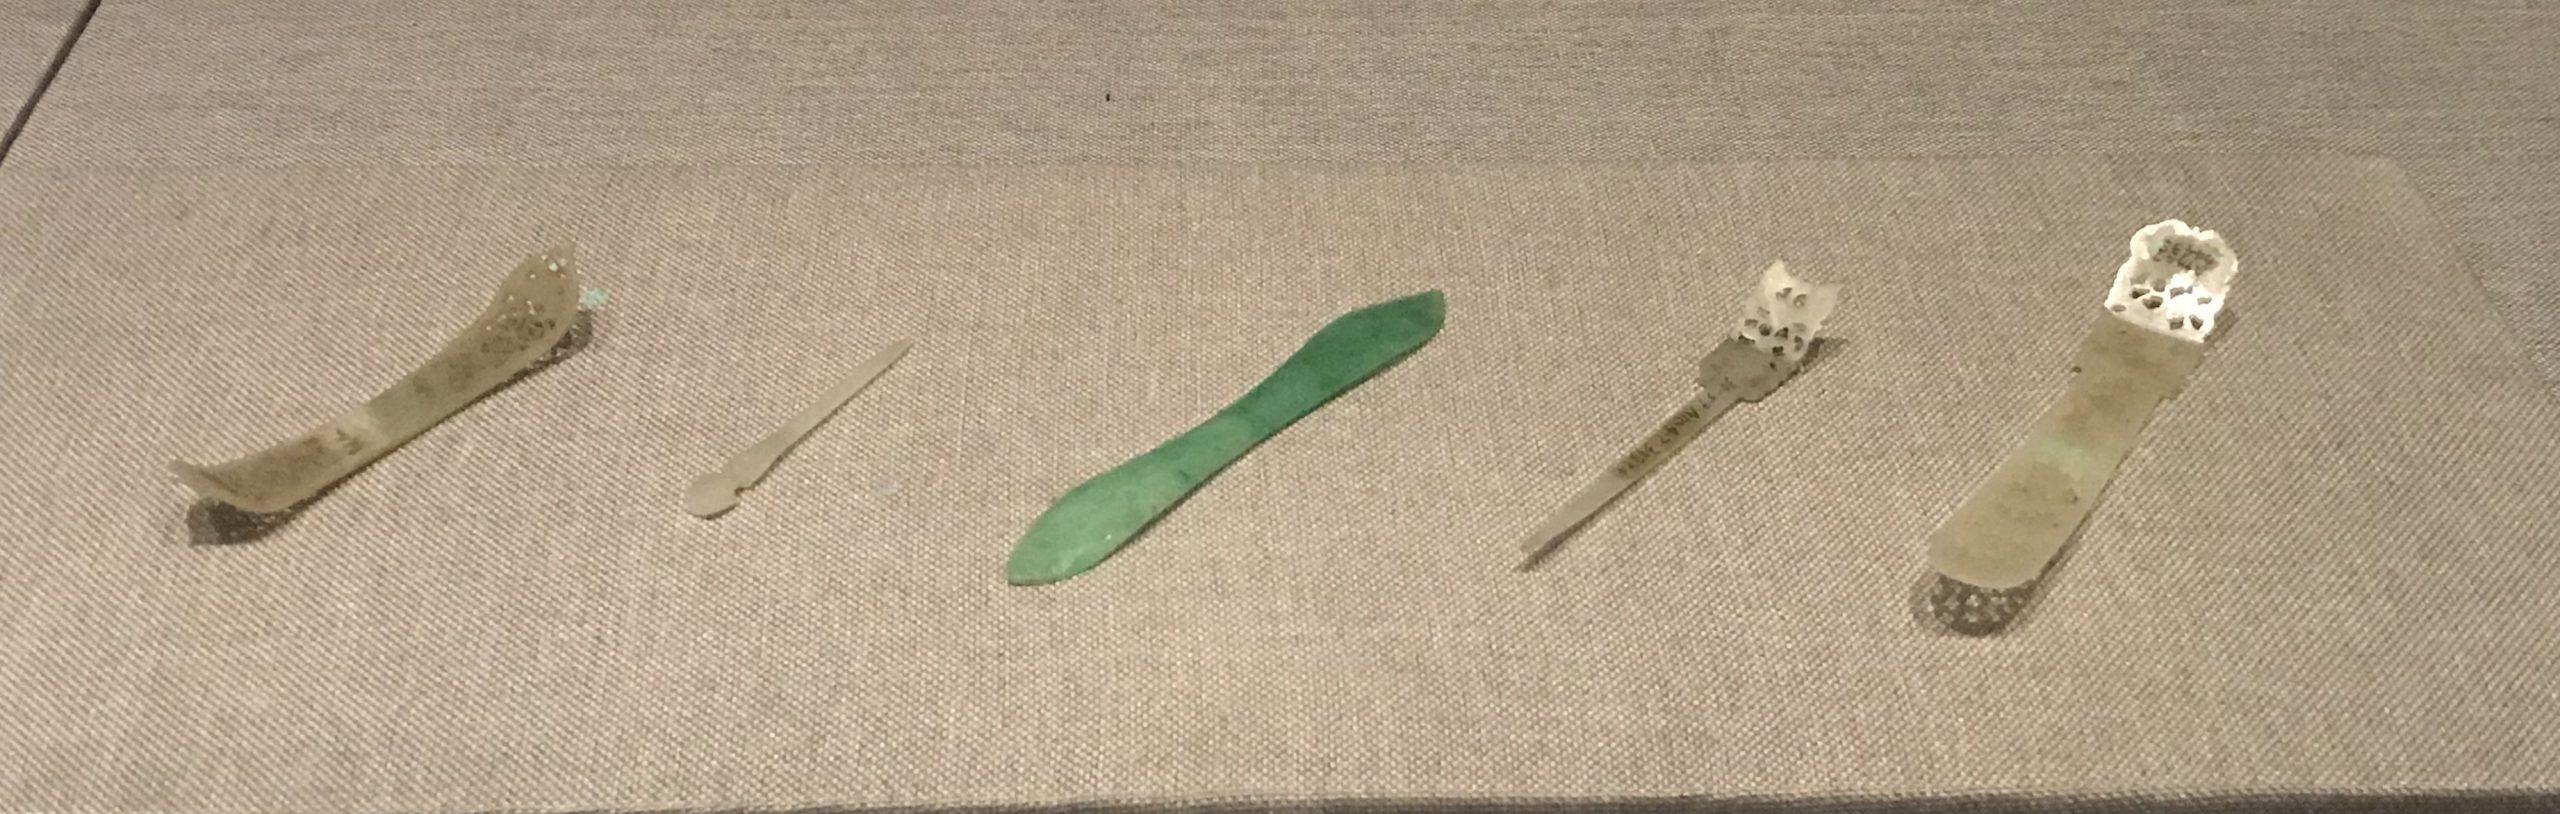 鏤雕古錢花卉紋玉簪-清時代-工藝美術館館-四川博物館-成都